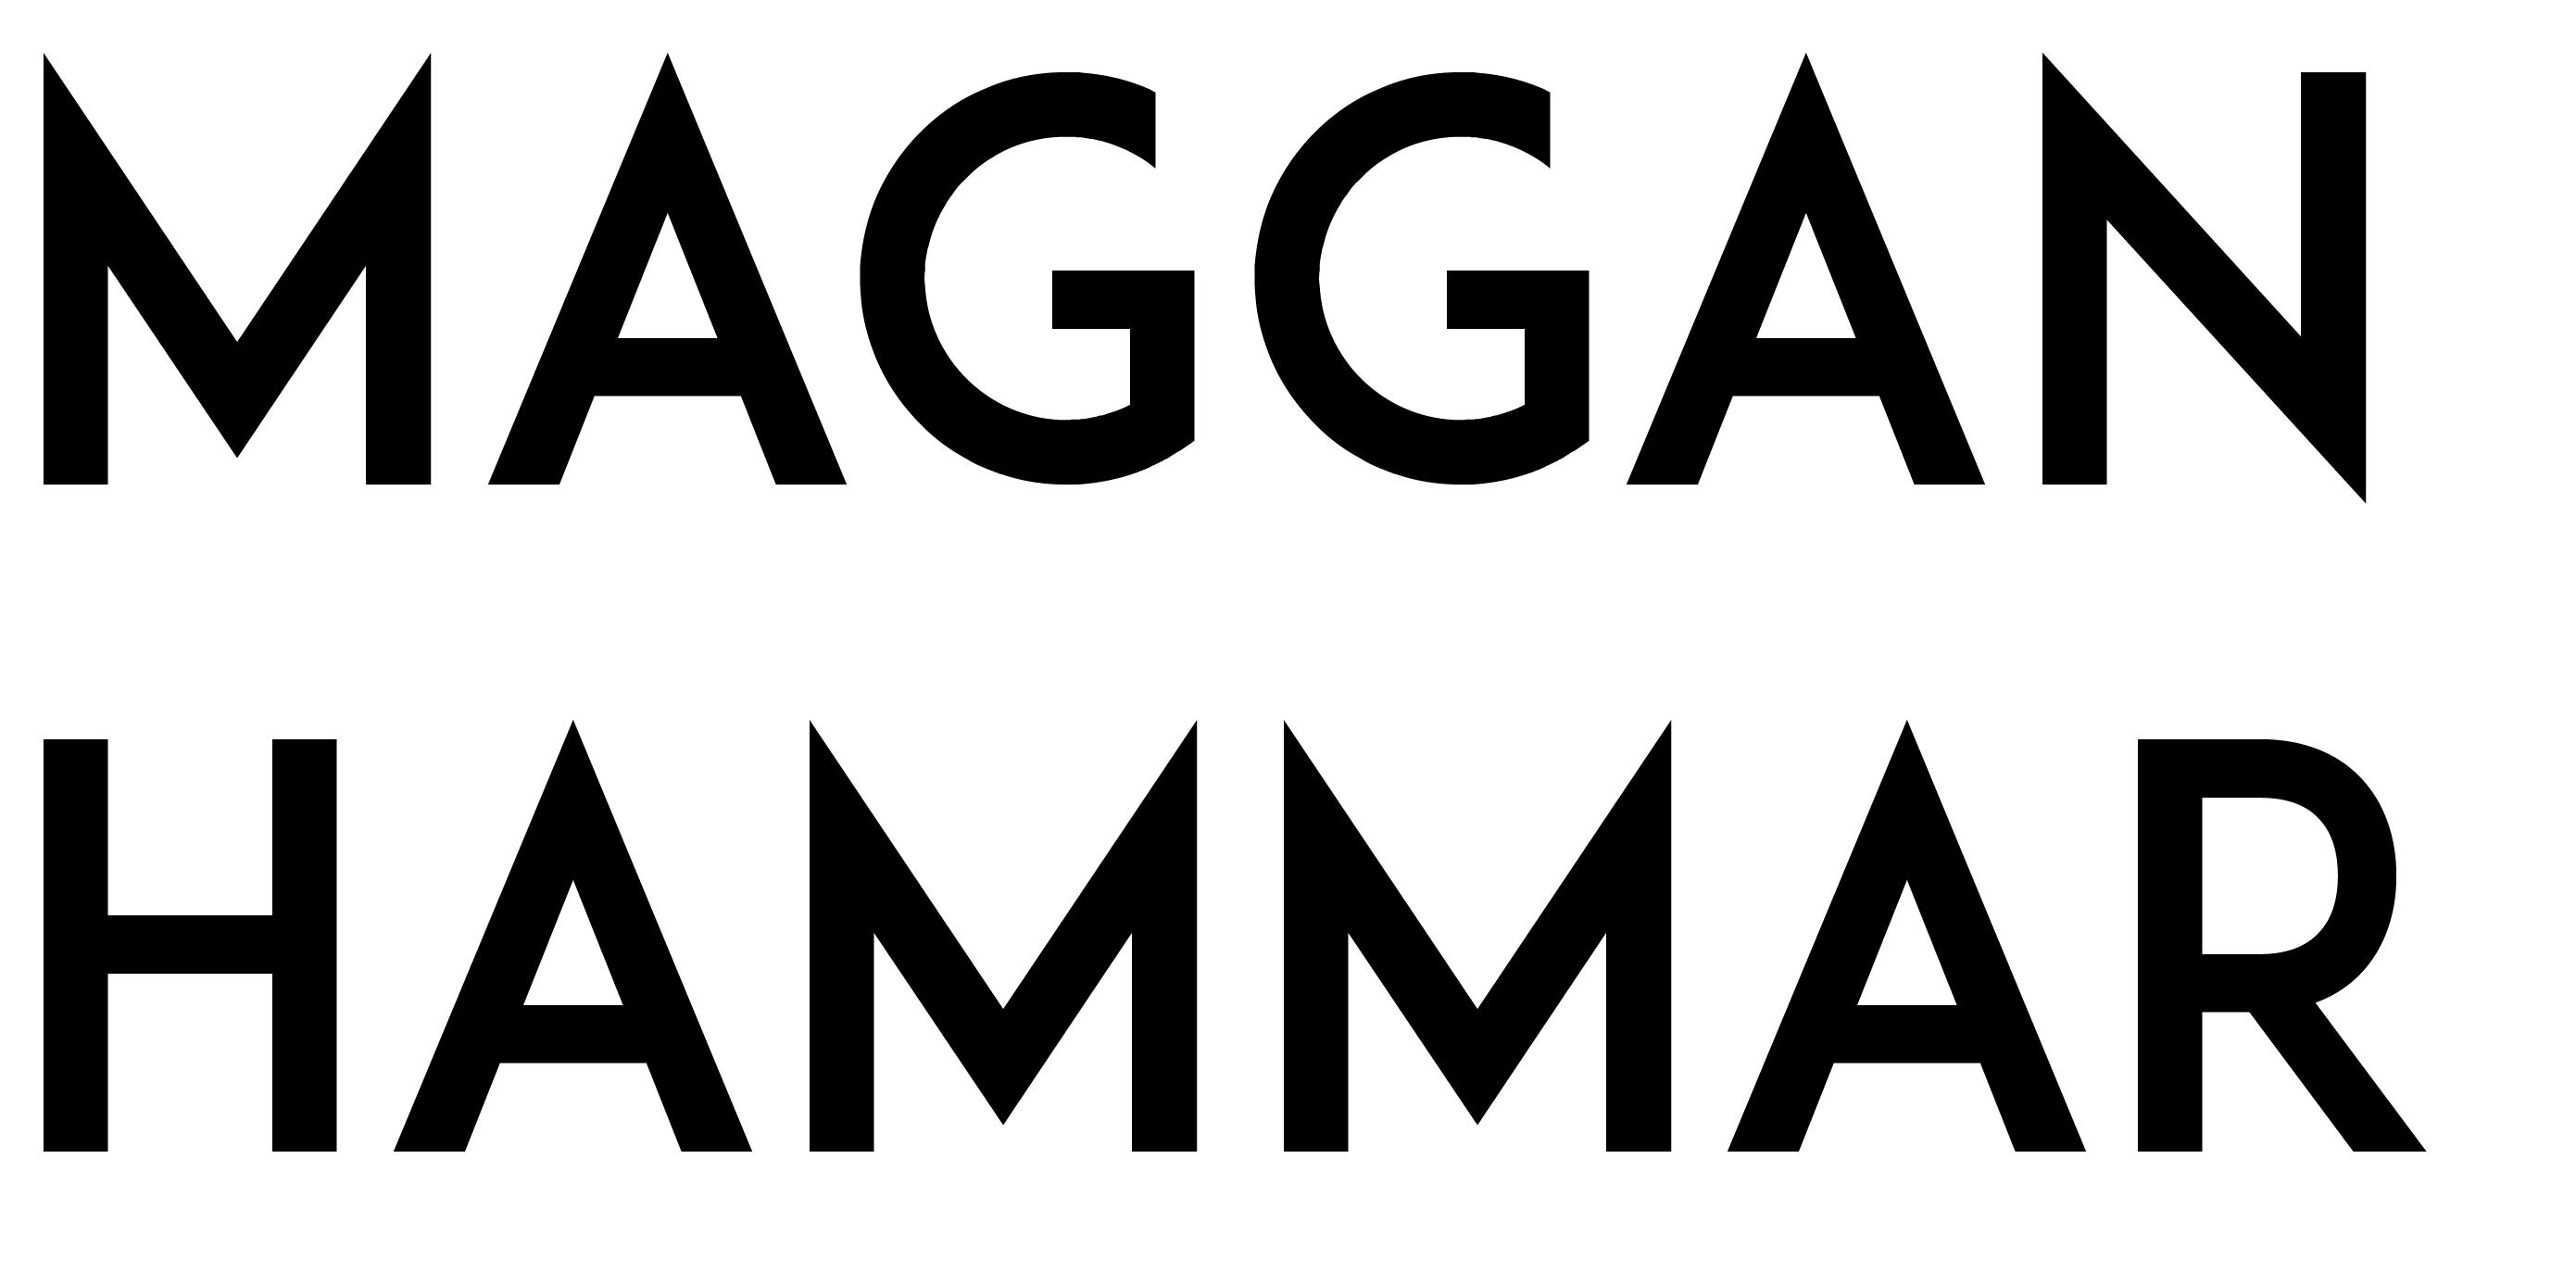 Maggan Hammar